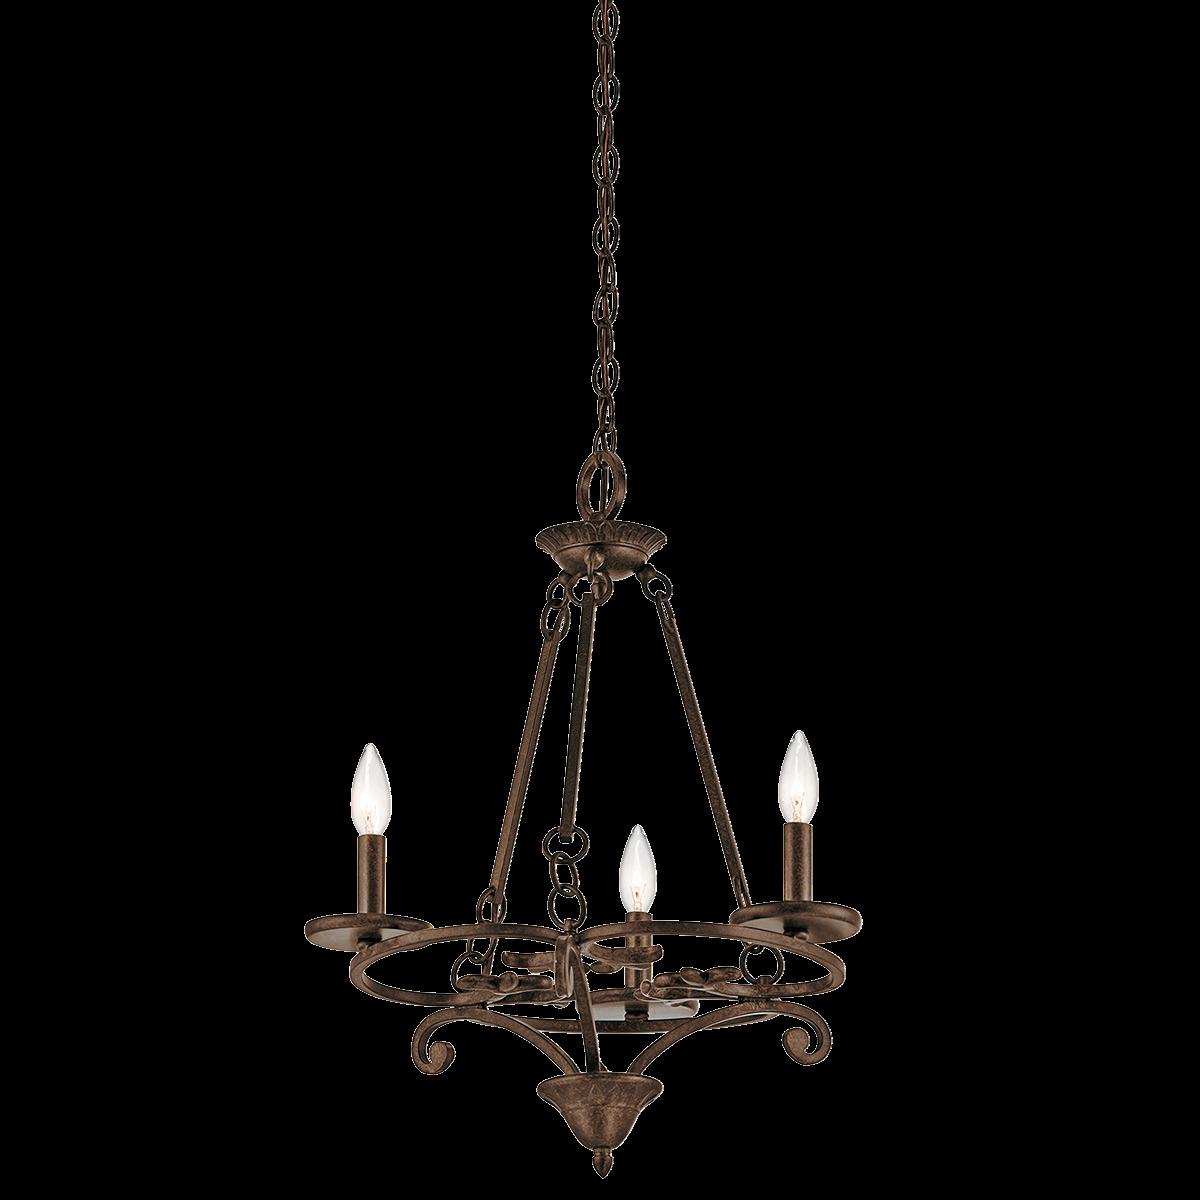 Caldella 3 light mini chandelier in aged bronze kichler item caldella 3 light mini chandelier in aged bronze kichler item 43770agz aloadofball Gallery